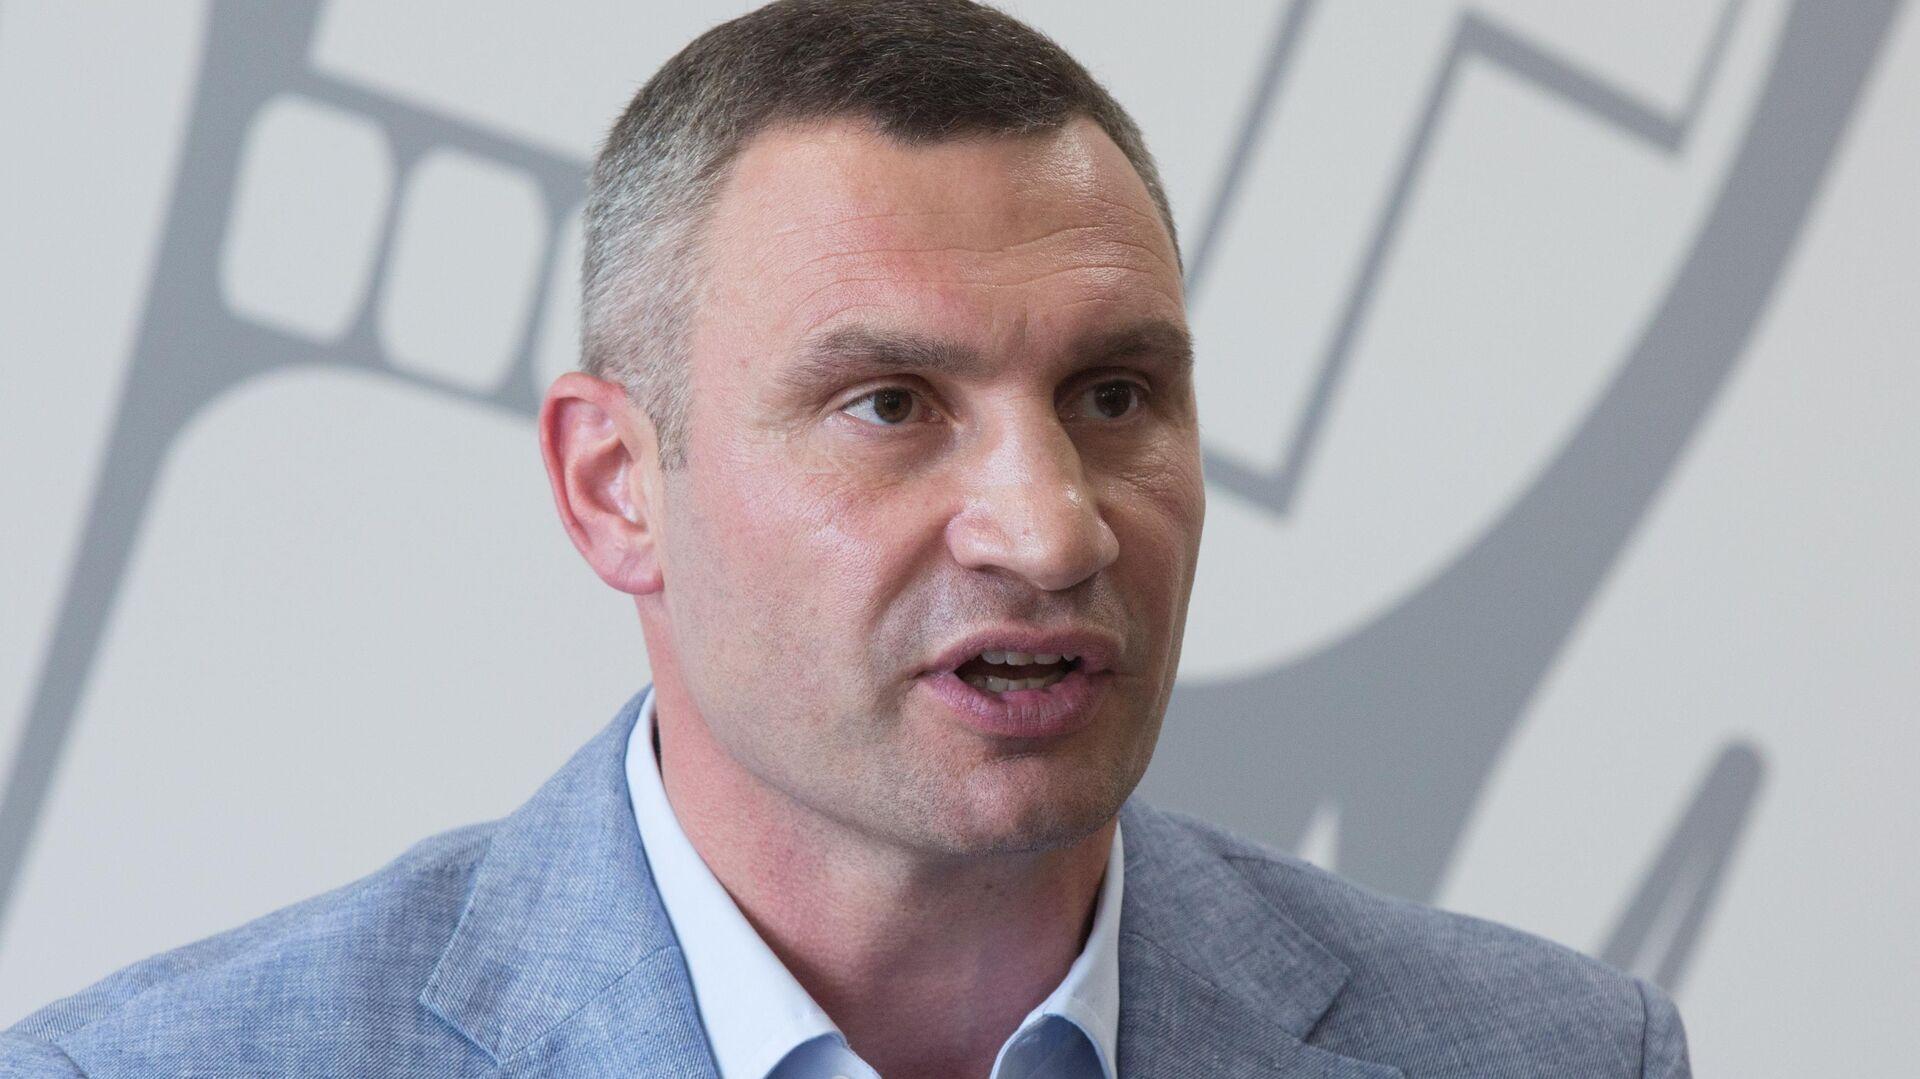 Кличко заявил о нецивилизованных методах на акции у офиса Зеленского